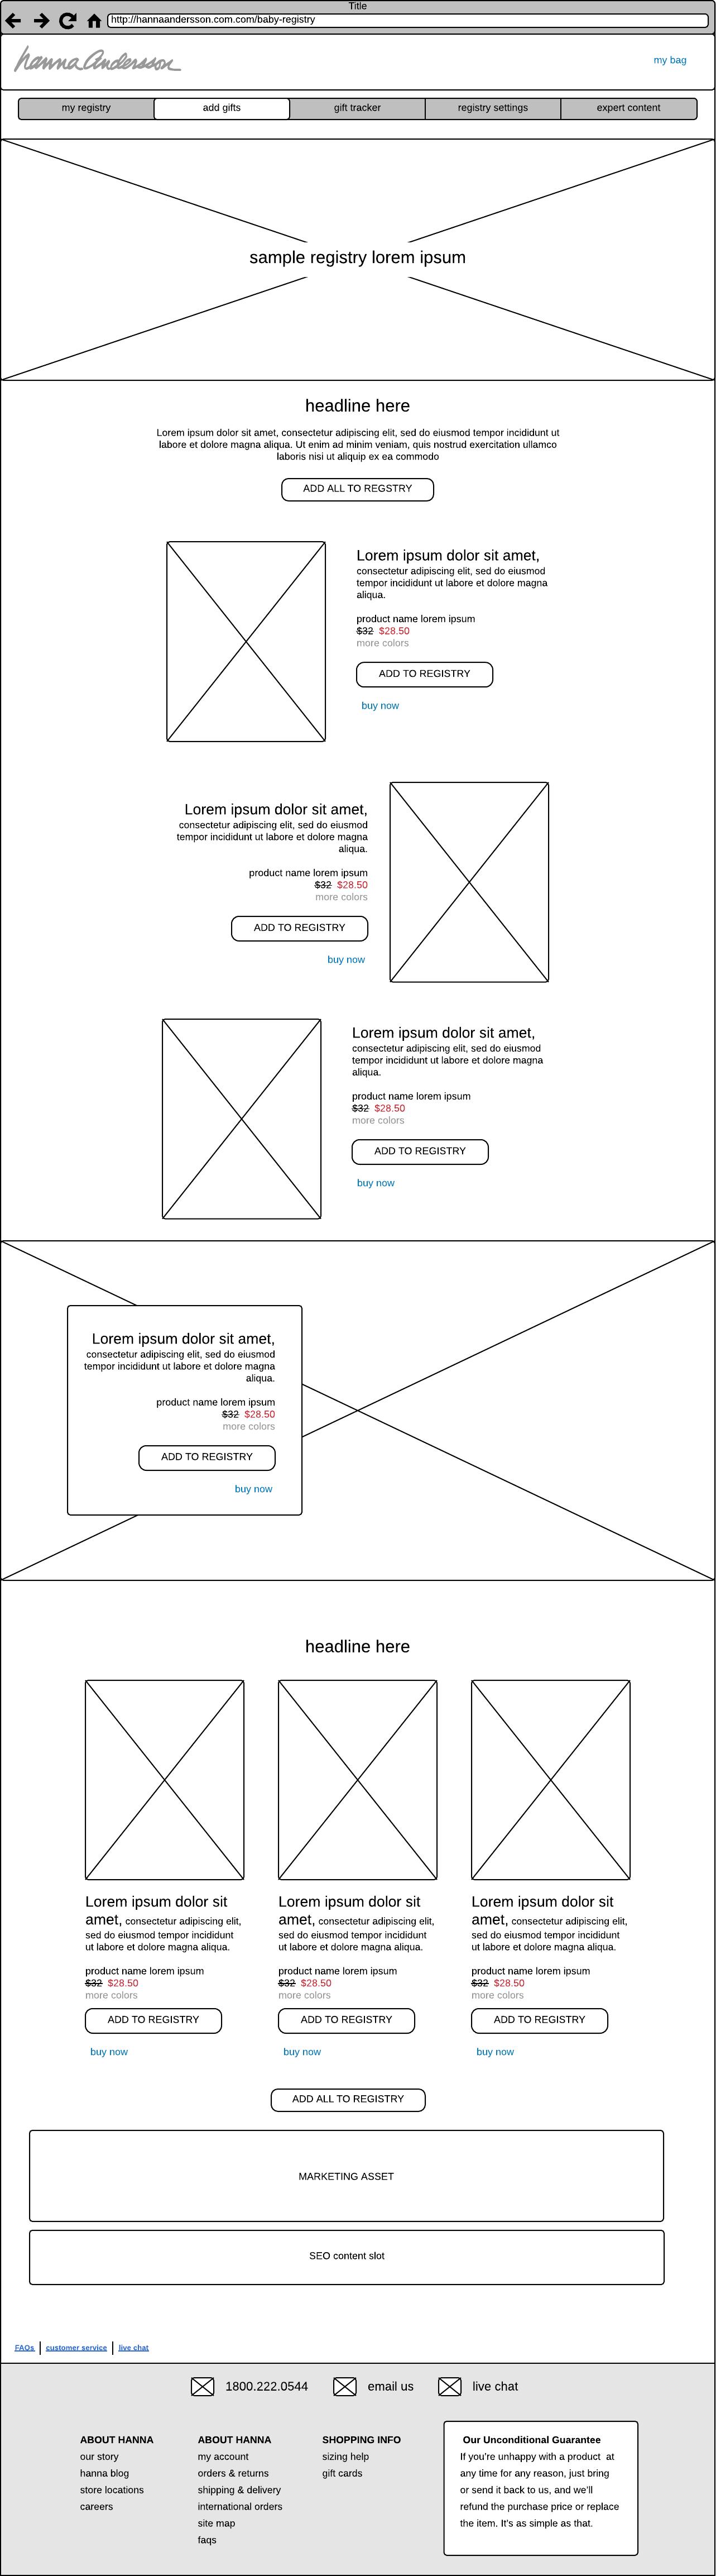 Editorial Sample Registry